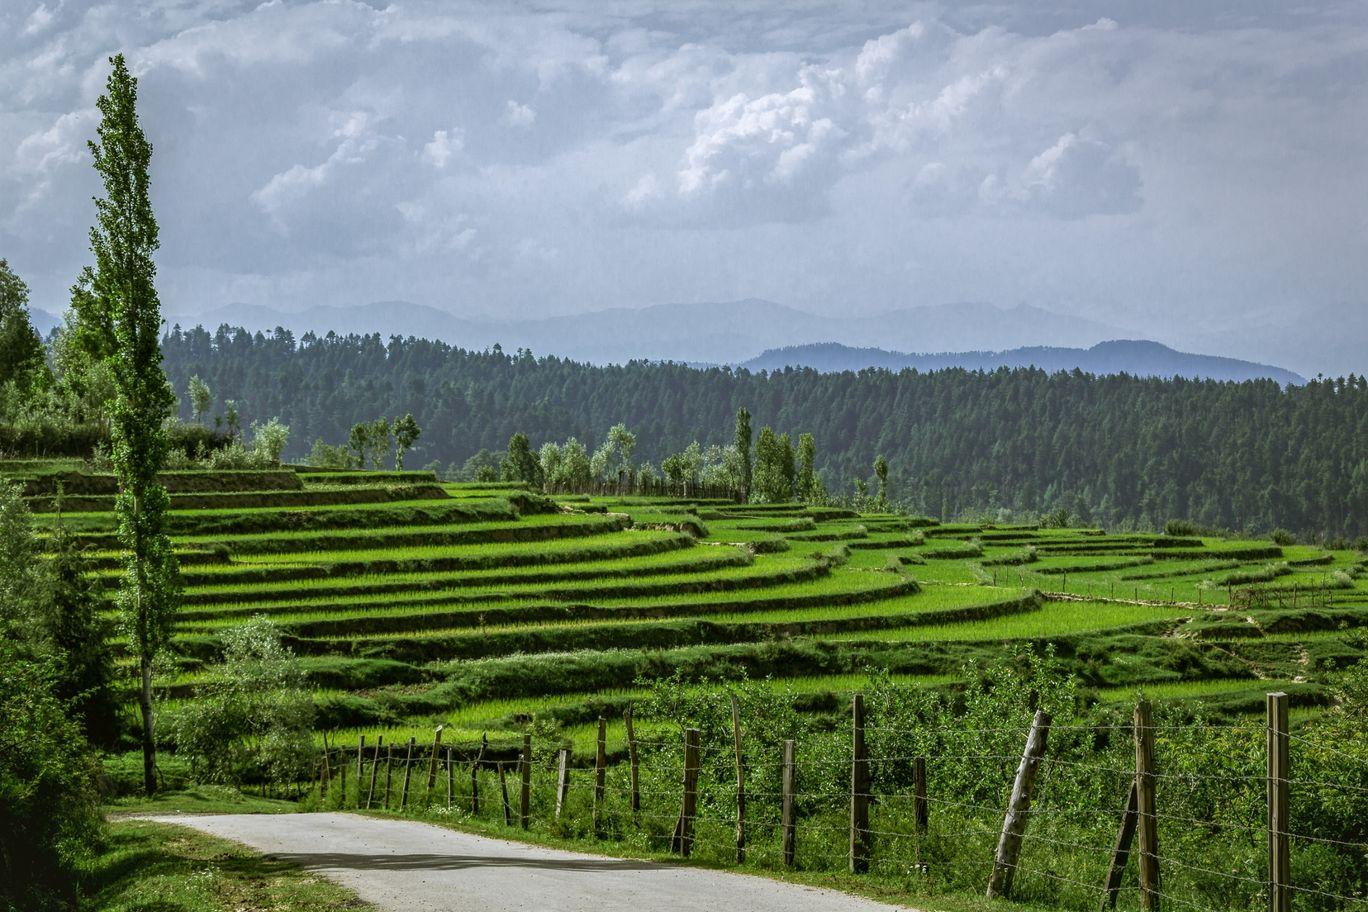 Photo of Baramulla - Gulmarg Road By KaranVeer Monga